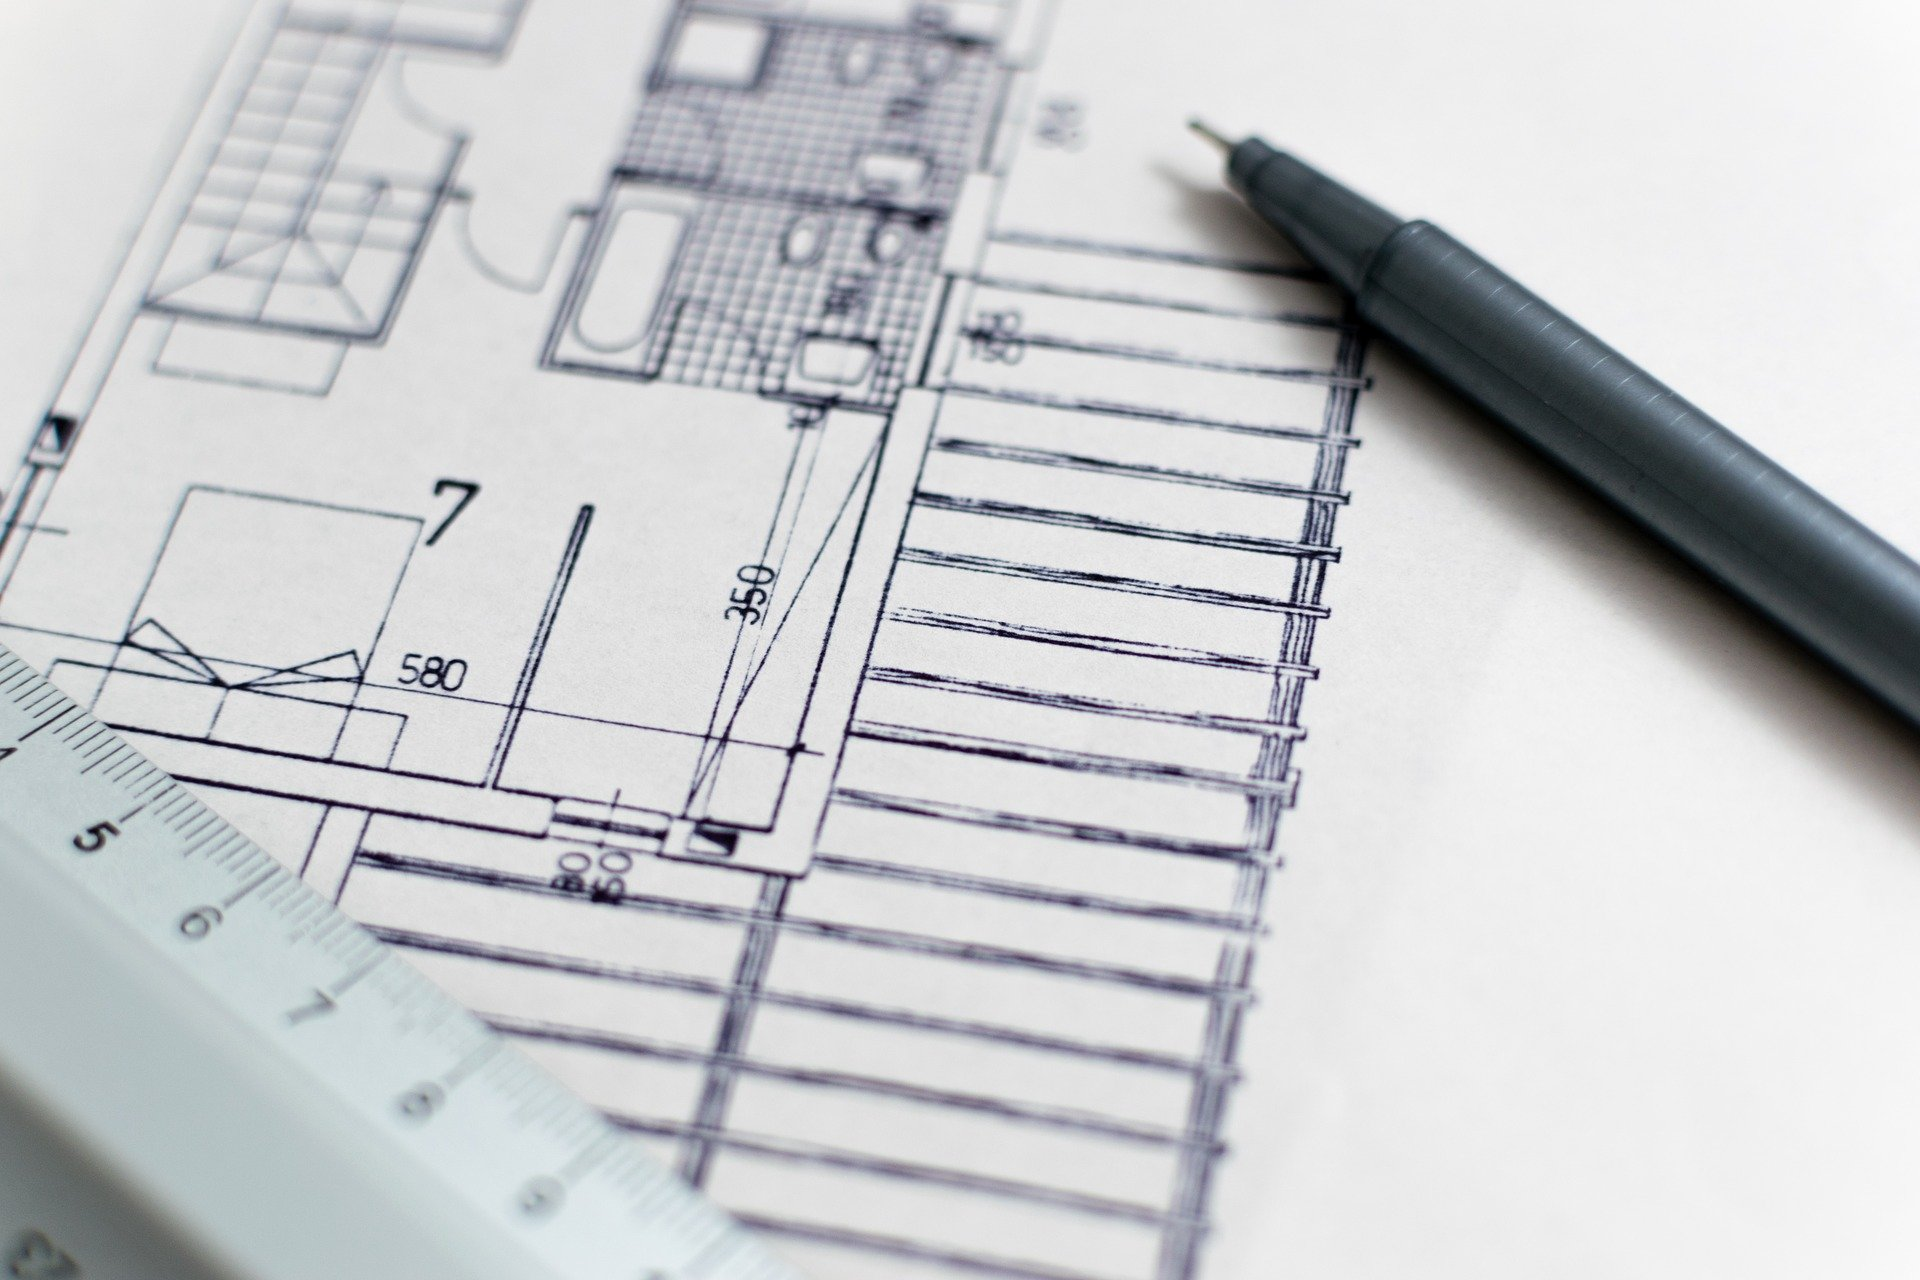 Architektenzeichnung mit Lineal und Bleistift.